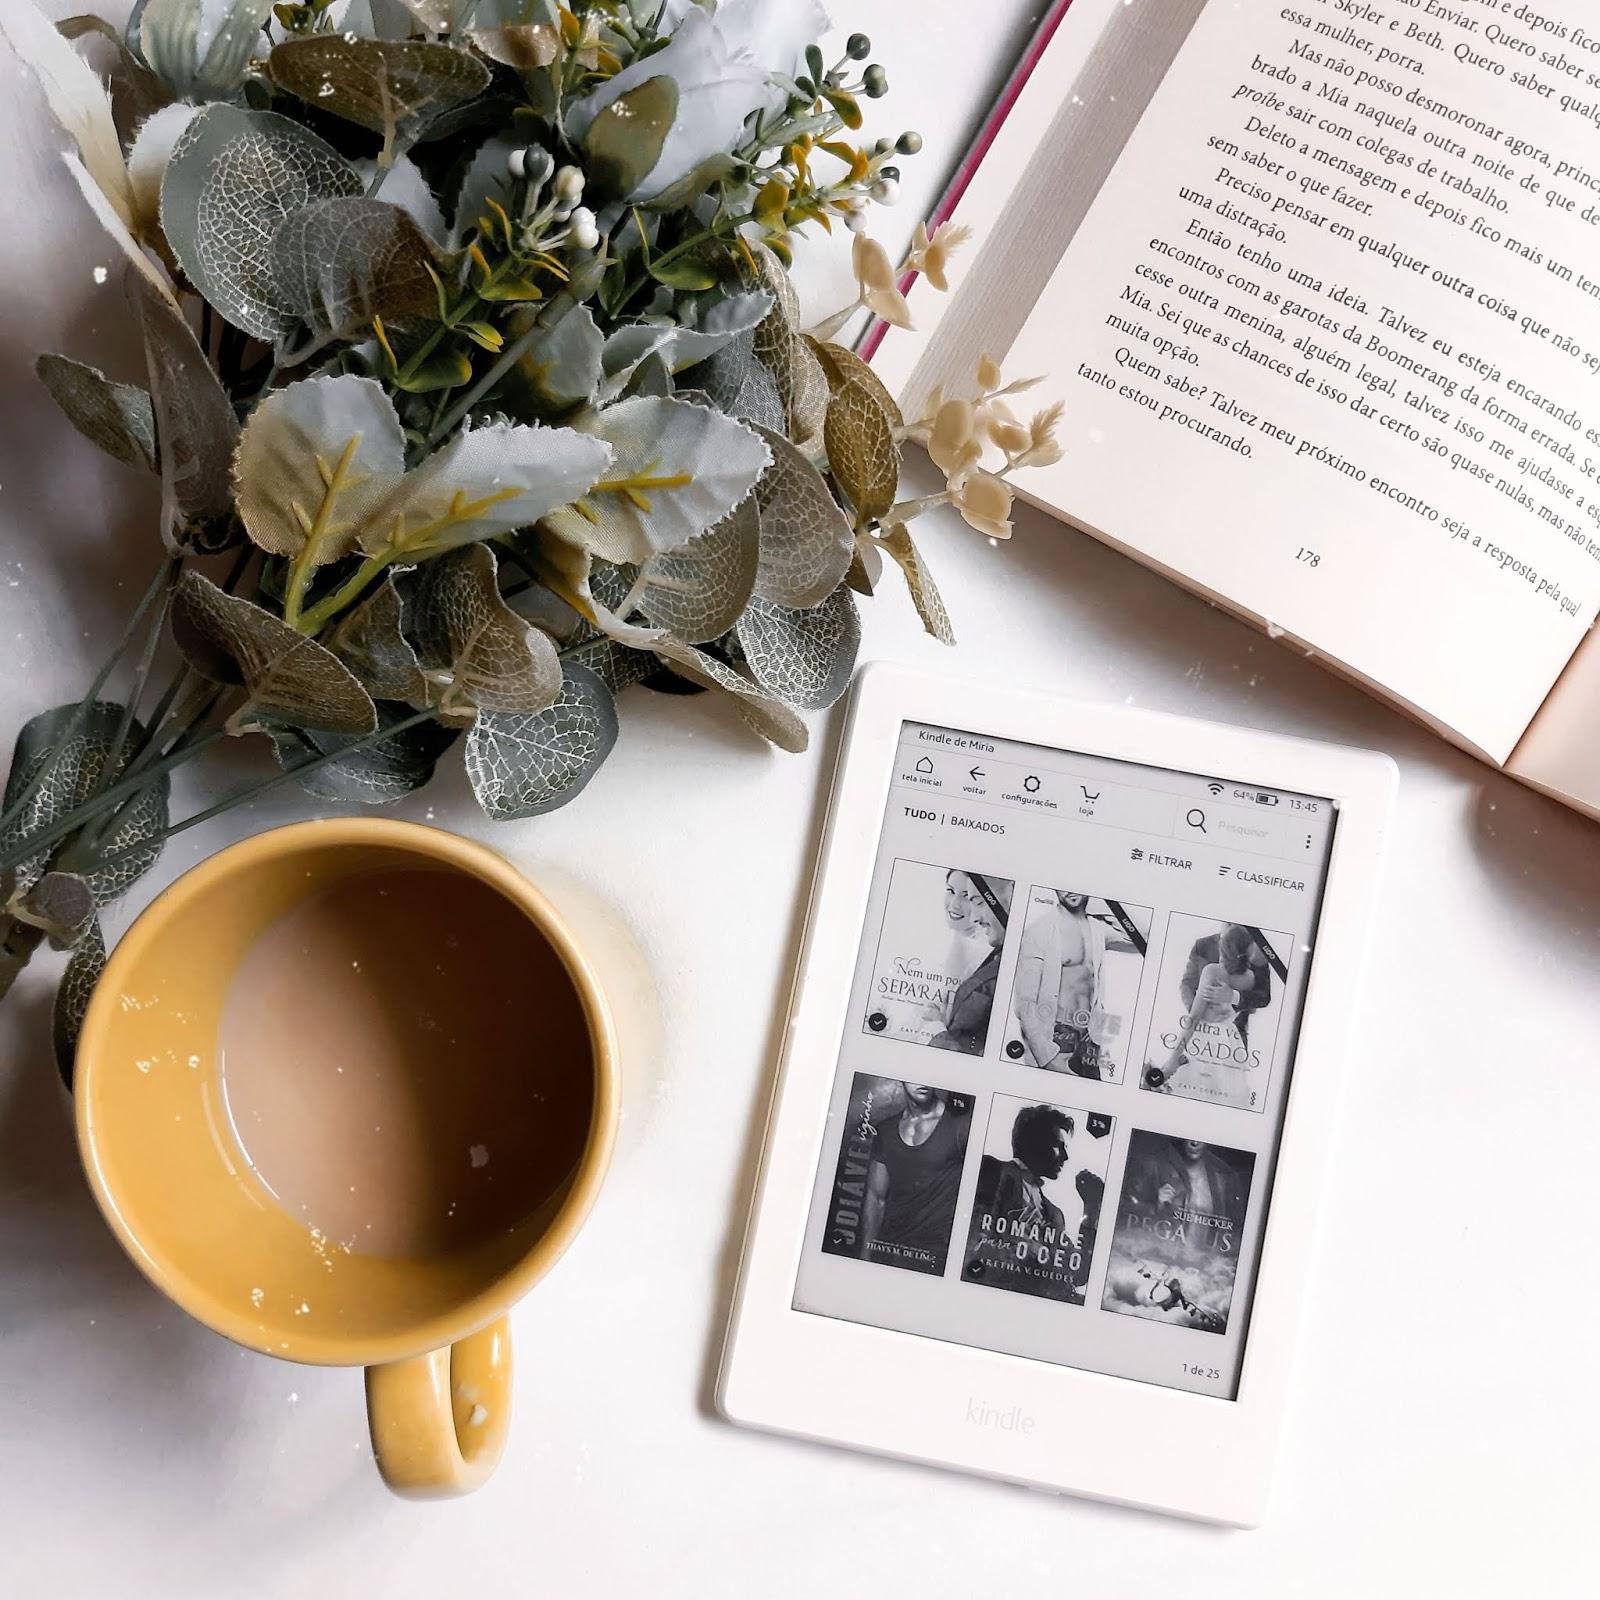 4 motivos para você se tornar um assinante Kindle Unlimited